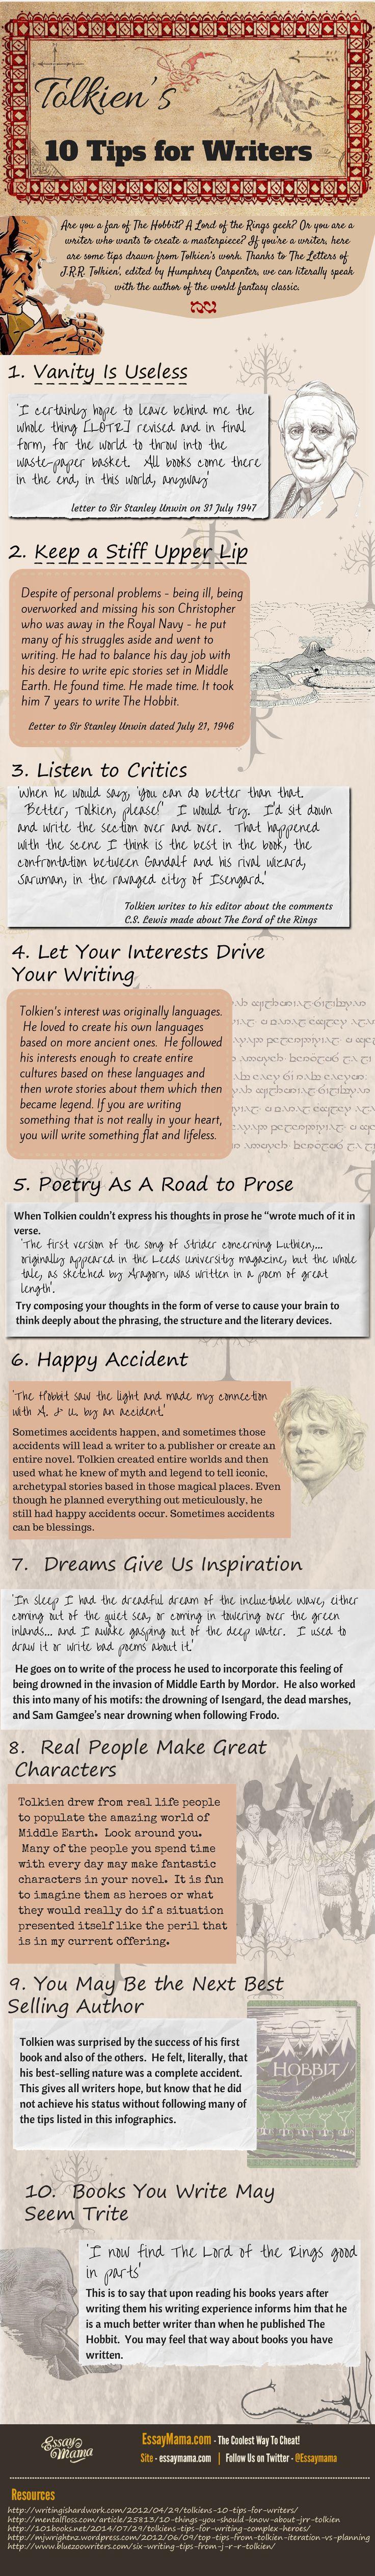 Råd fra Tolkien om at skrive... Det gik jo godt for ham, så måske skulle man lige tjekke dem ud?